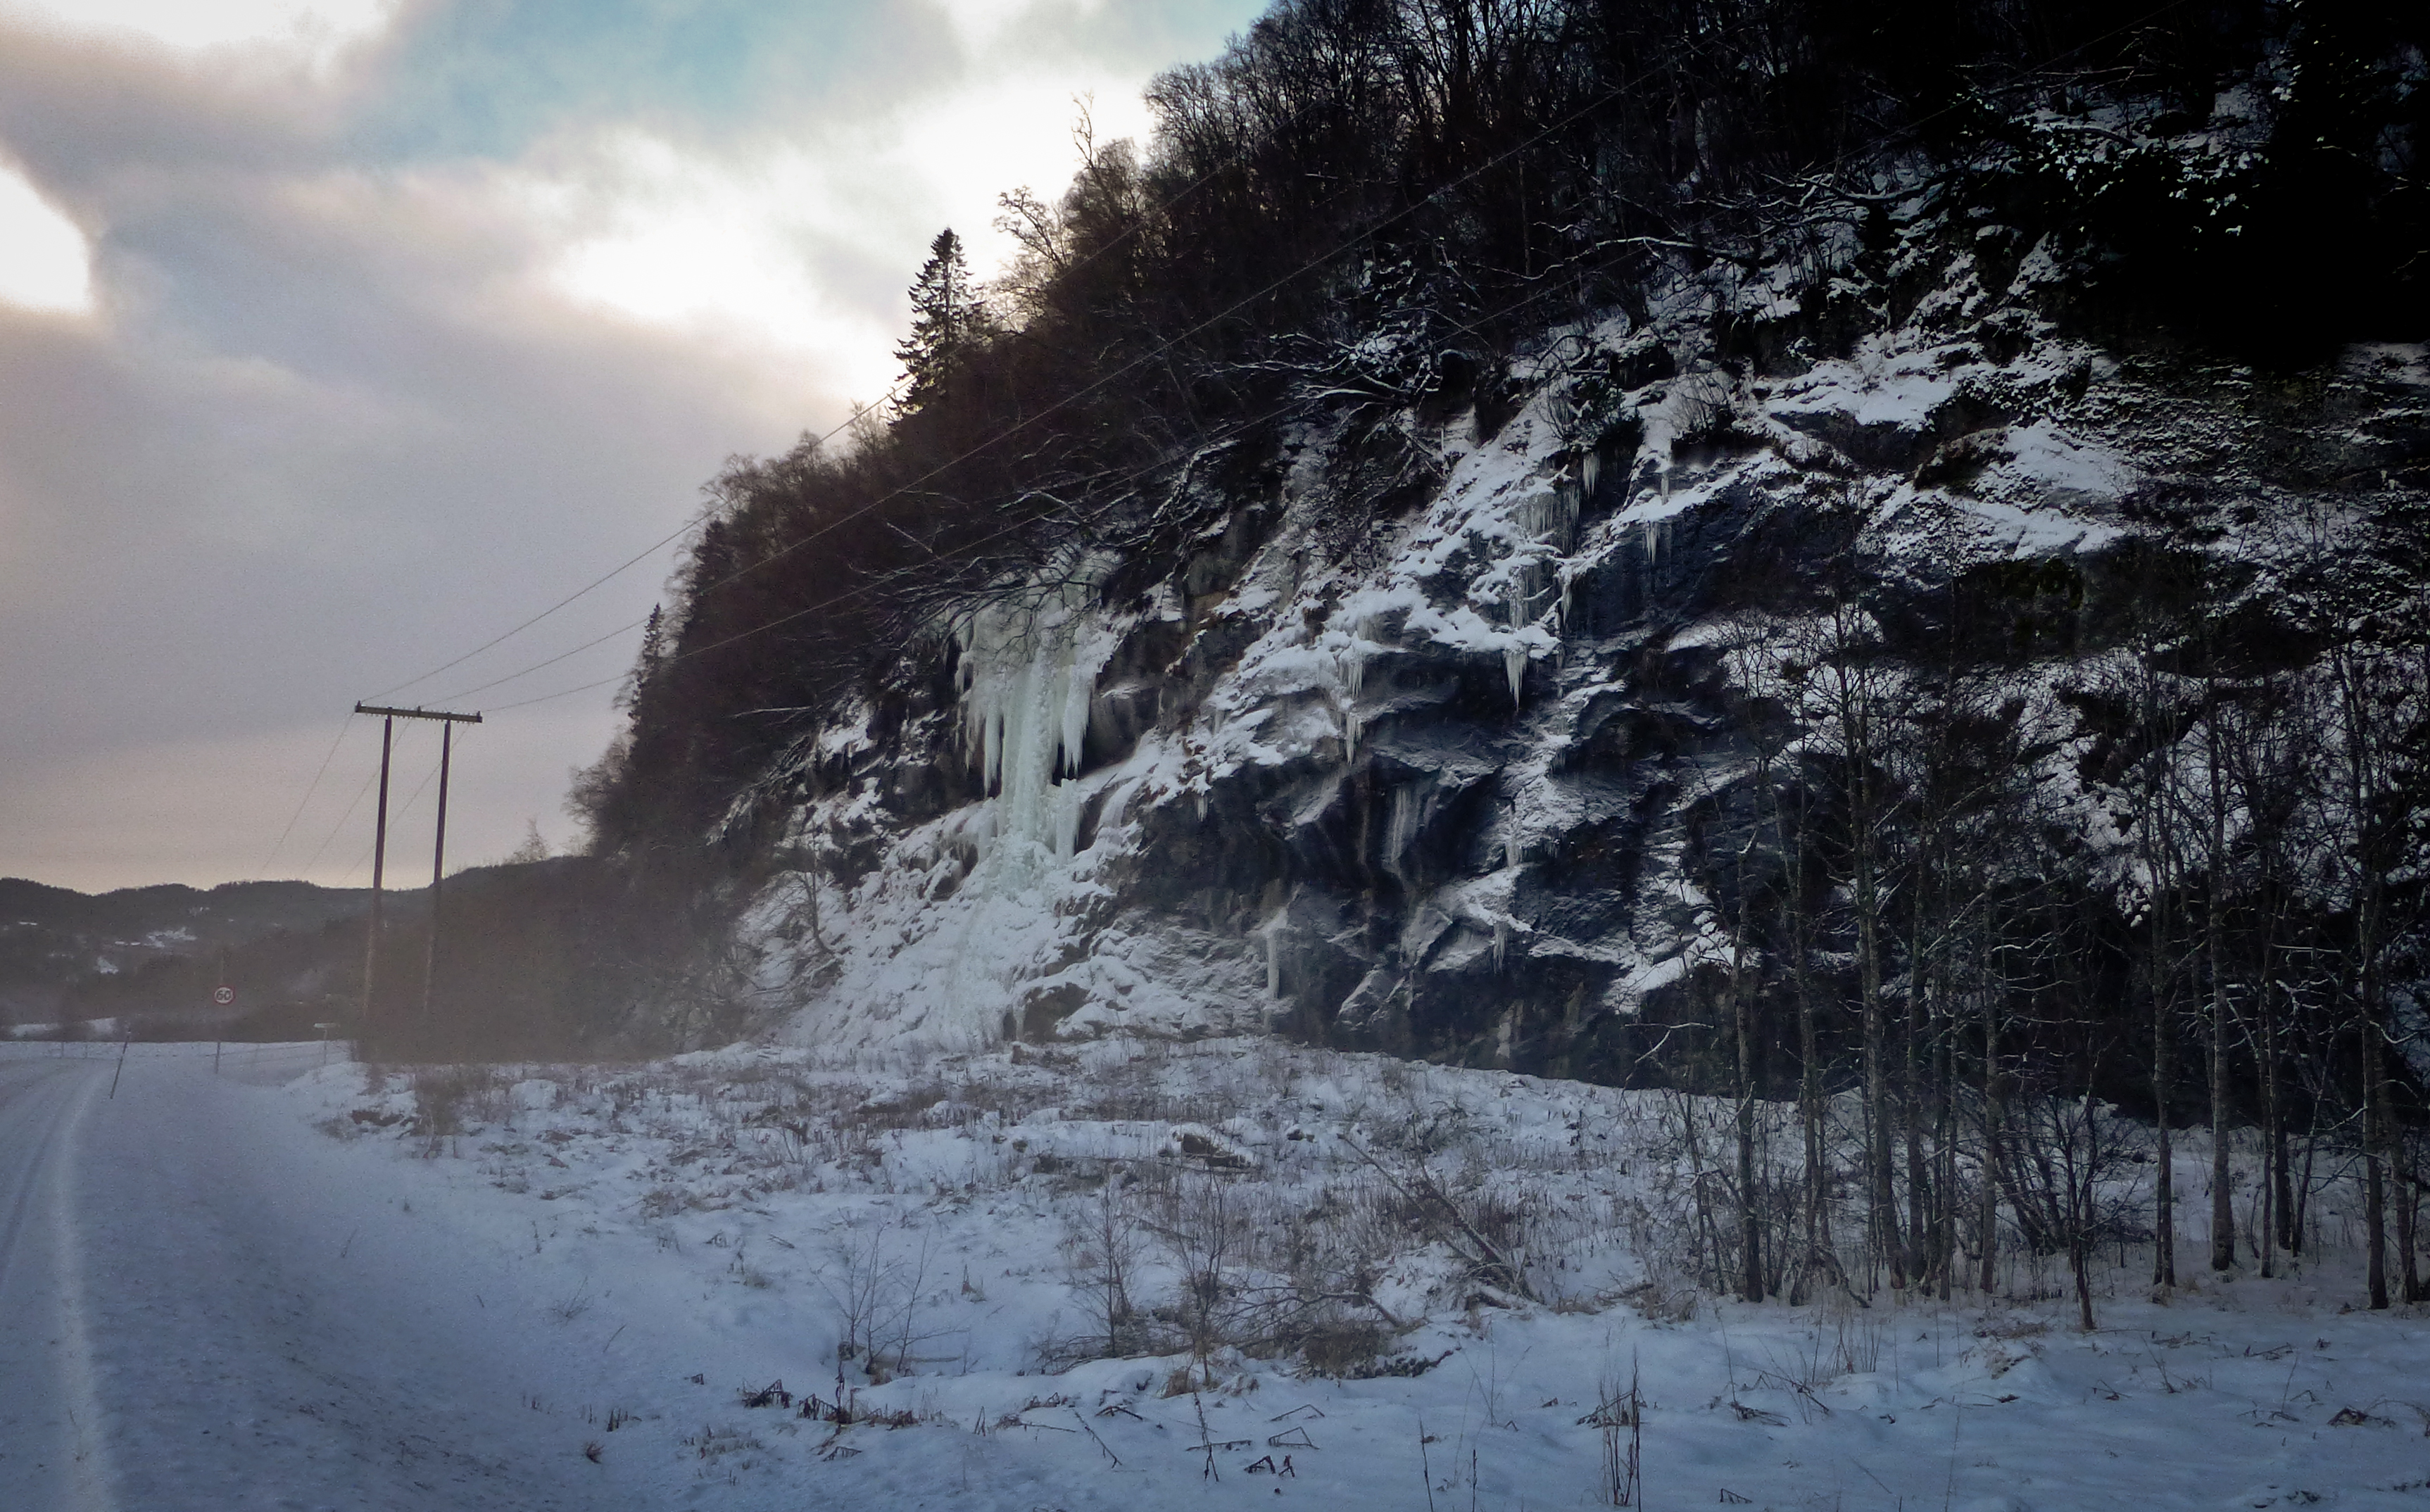 OPPDATERT: Isklatreforhold i Norge